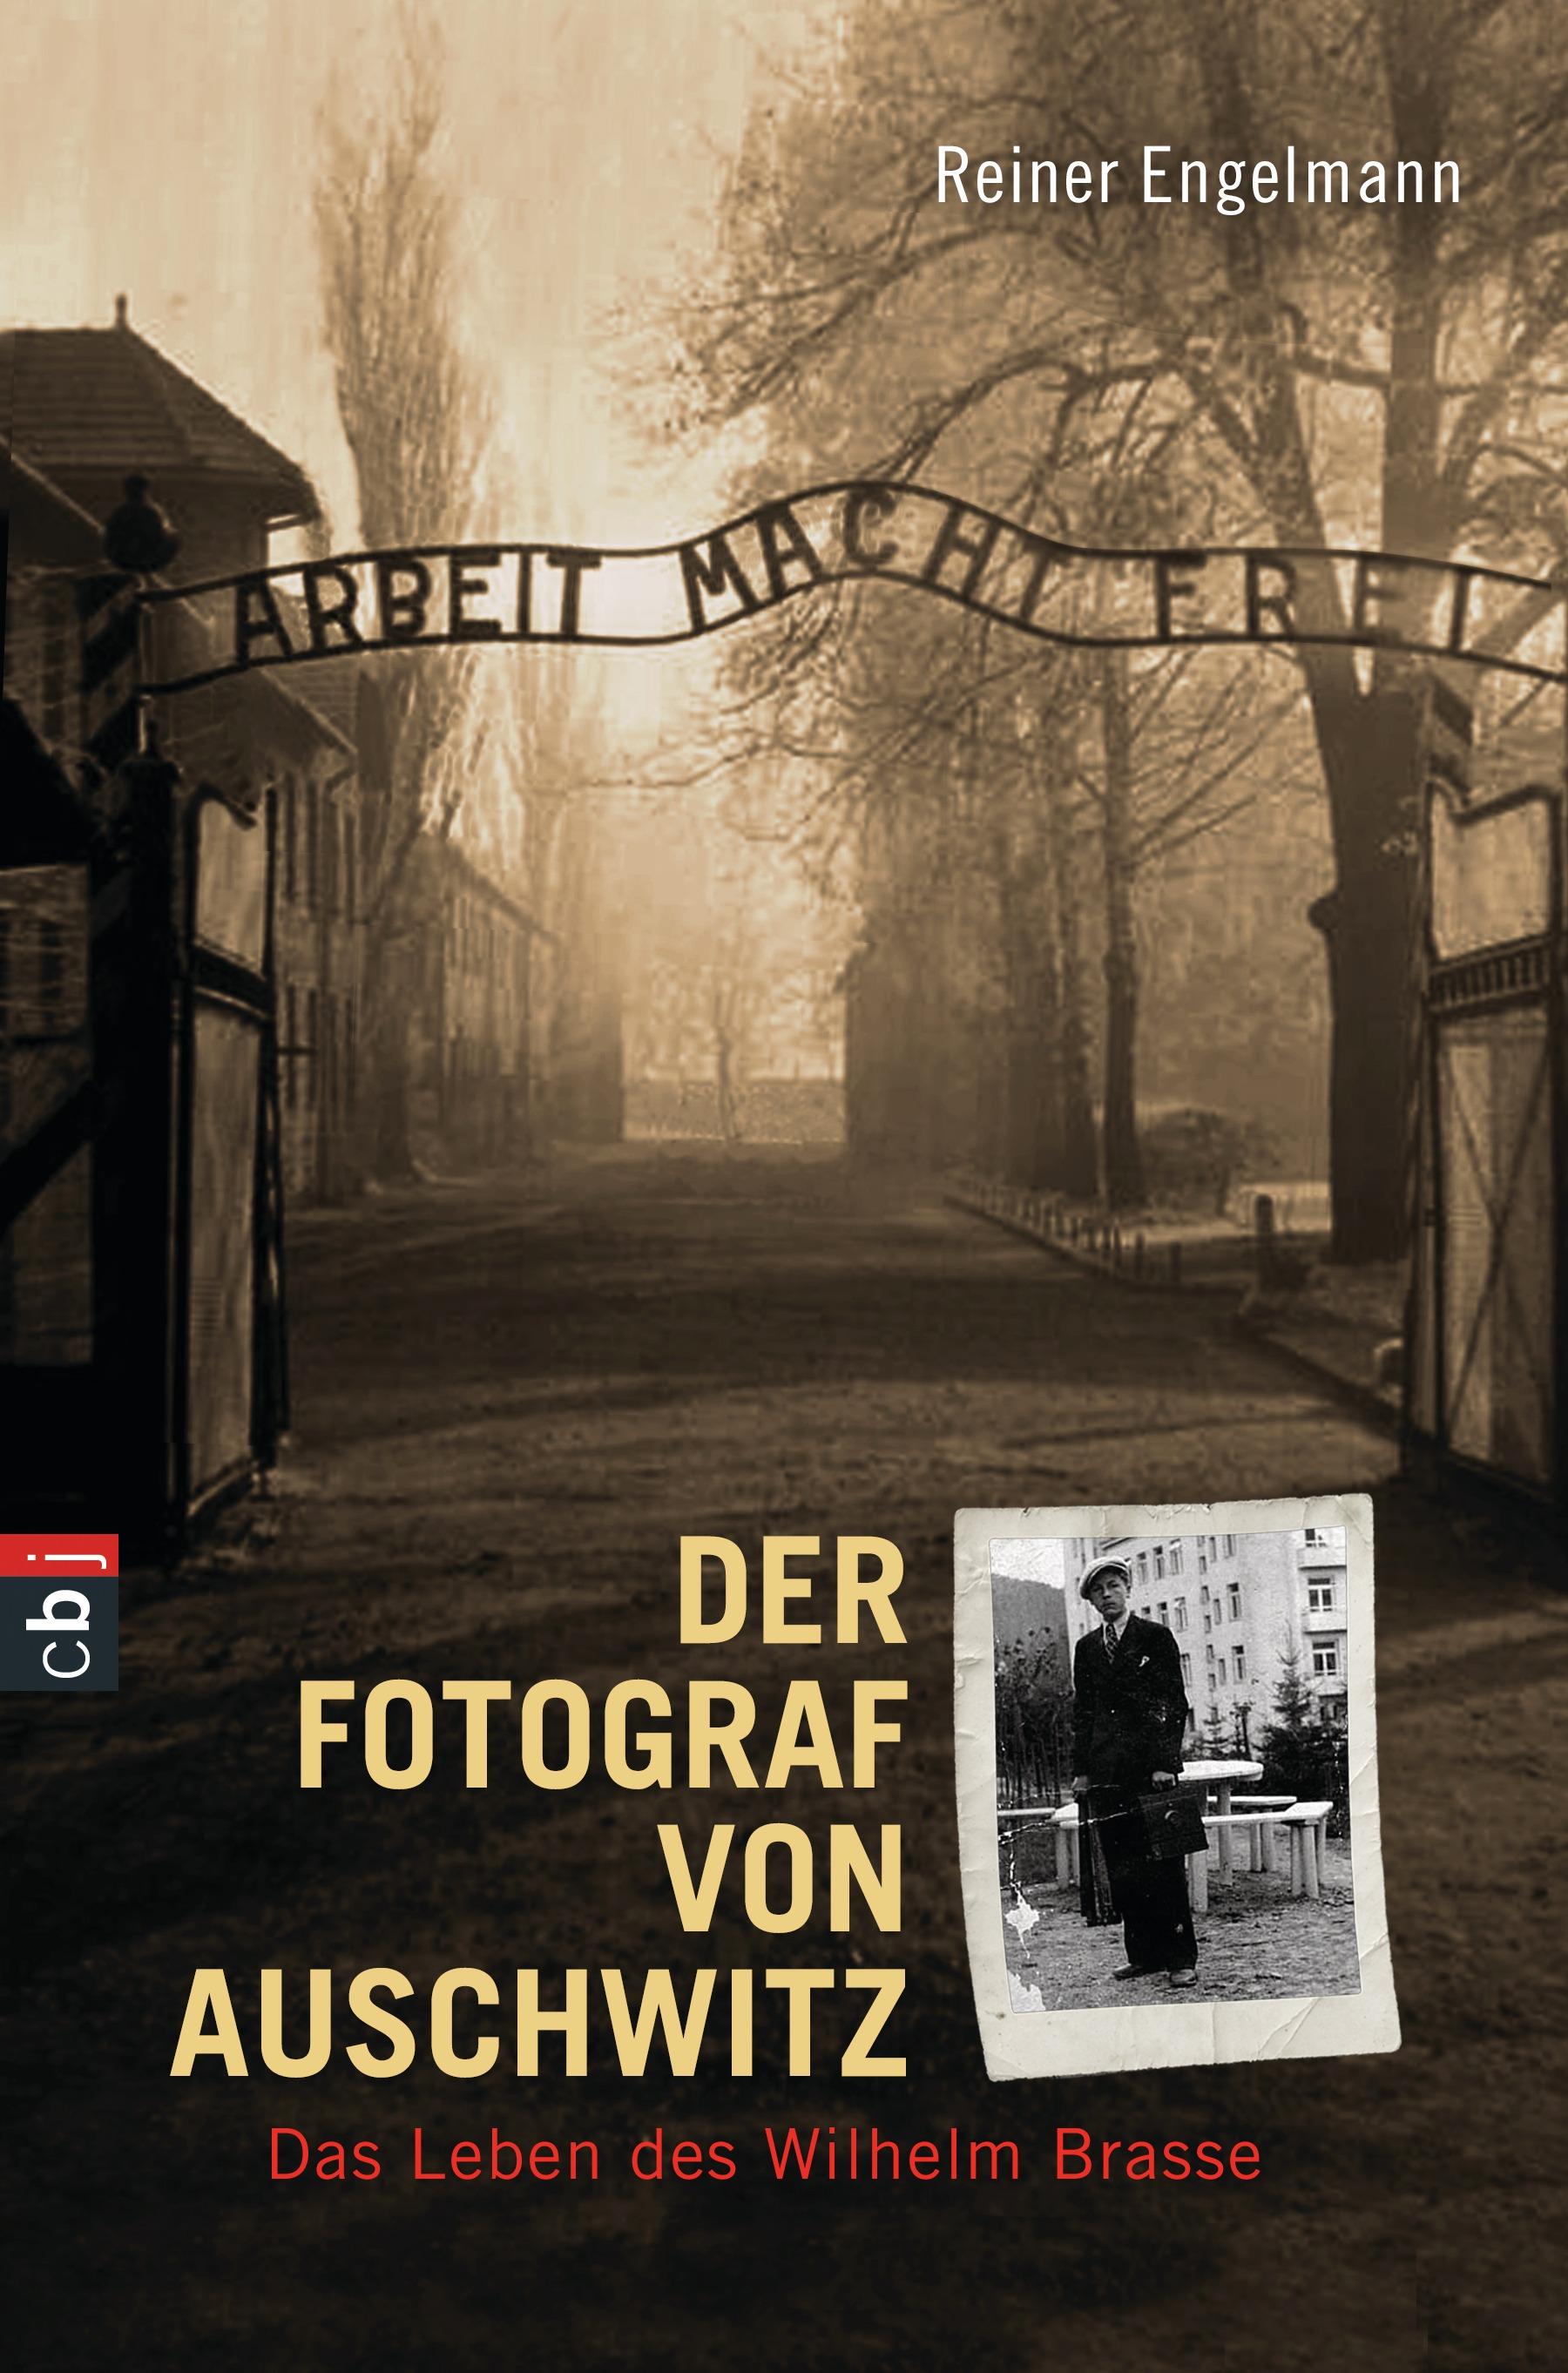 Der Fotograf von Auschwitz von Reiner Engelmann